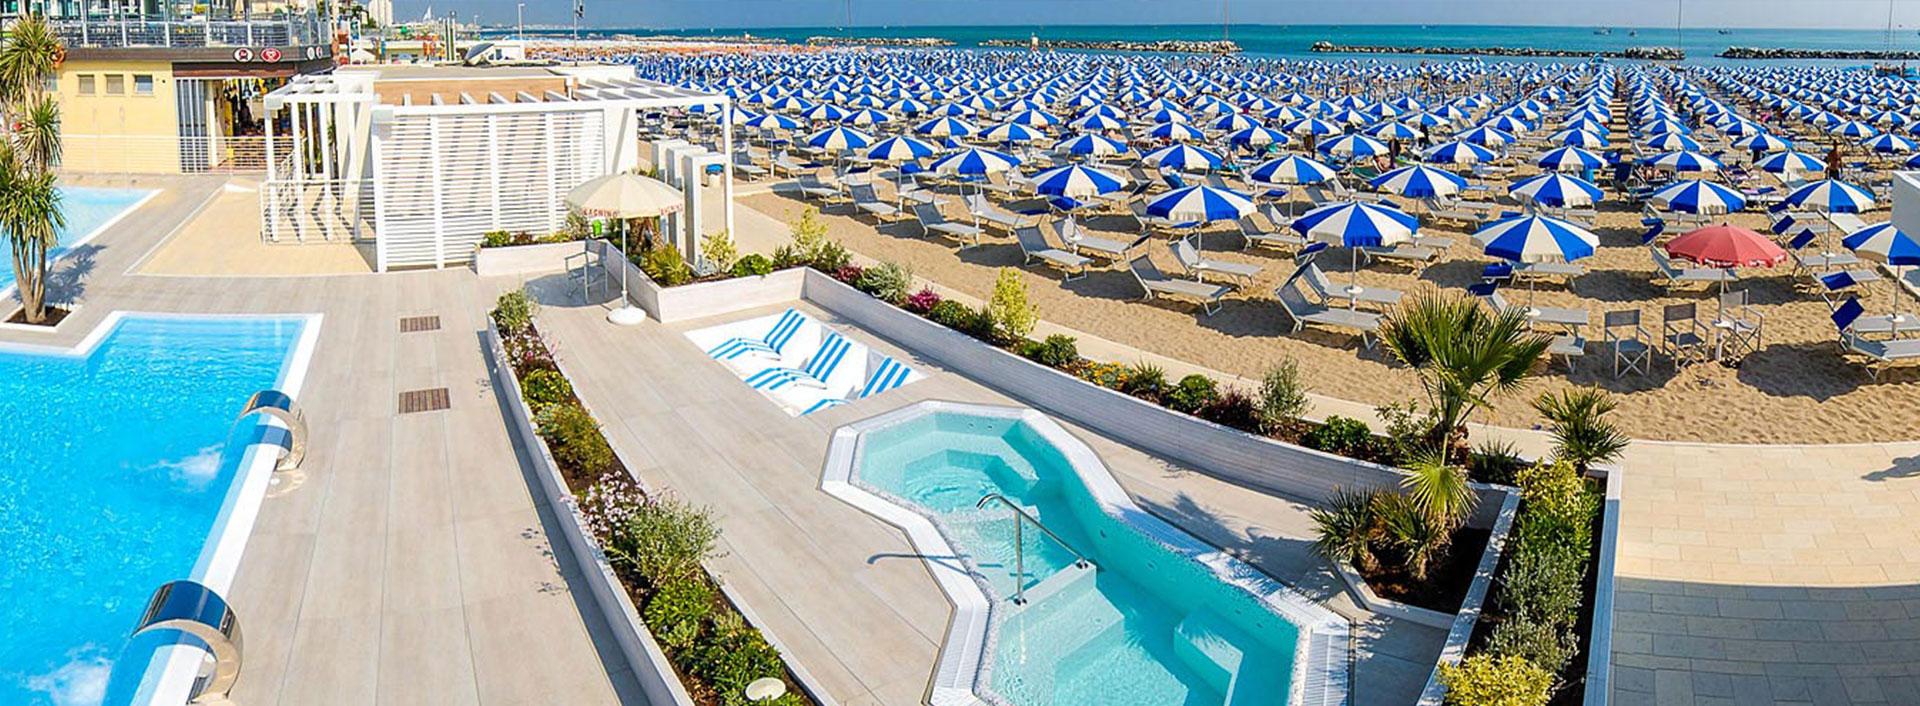 Slide Spiaggia 3